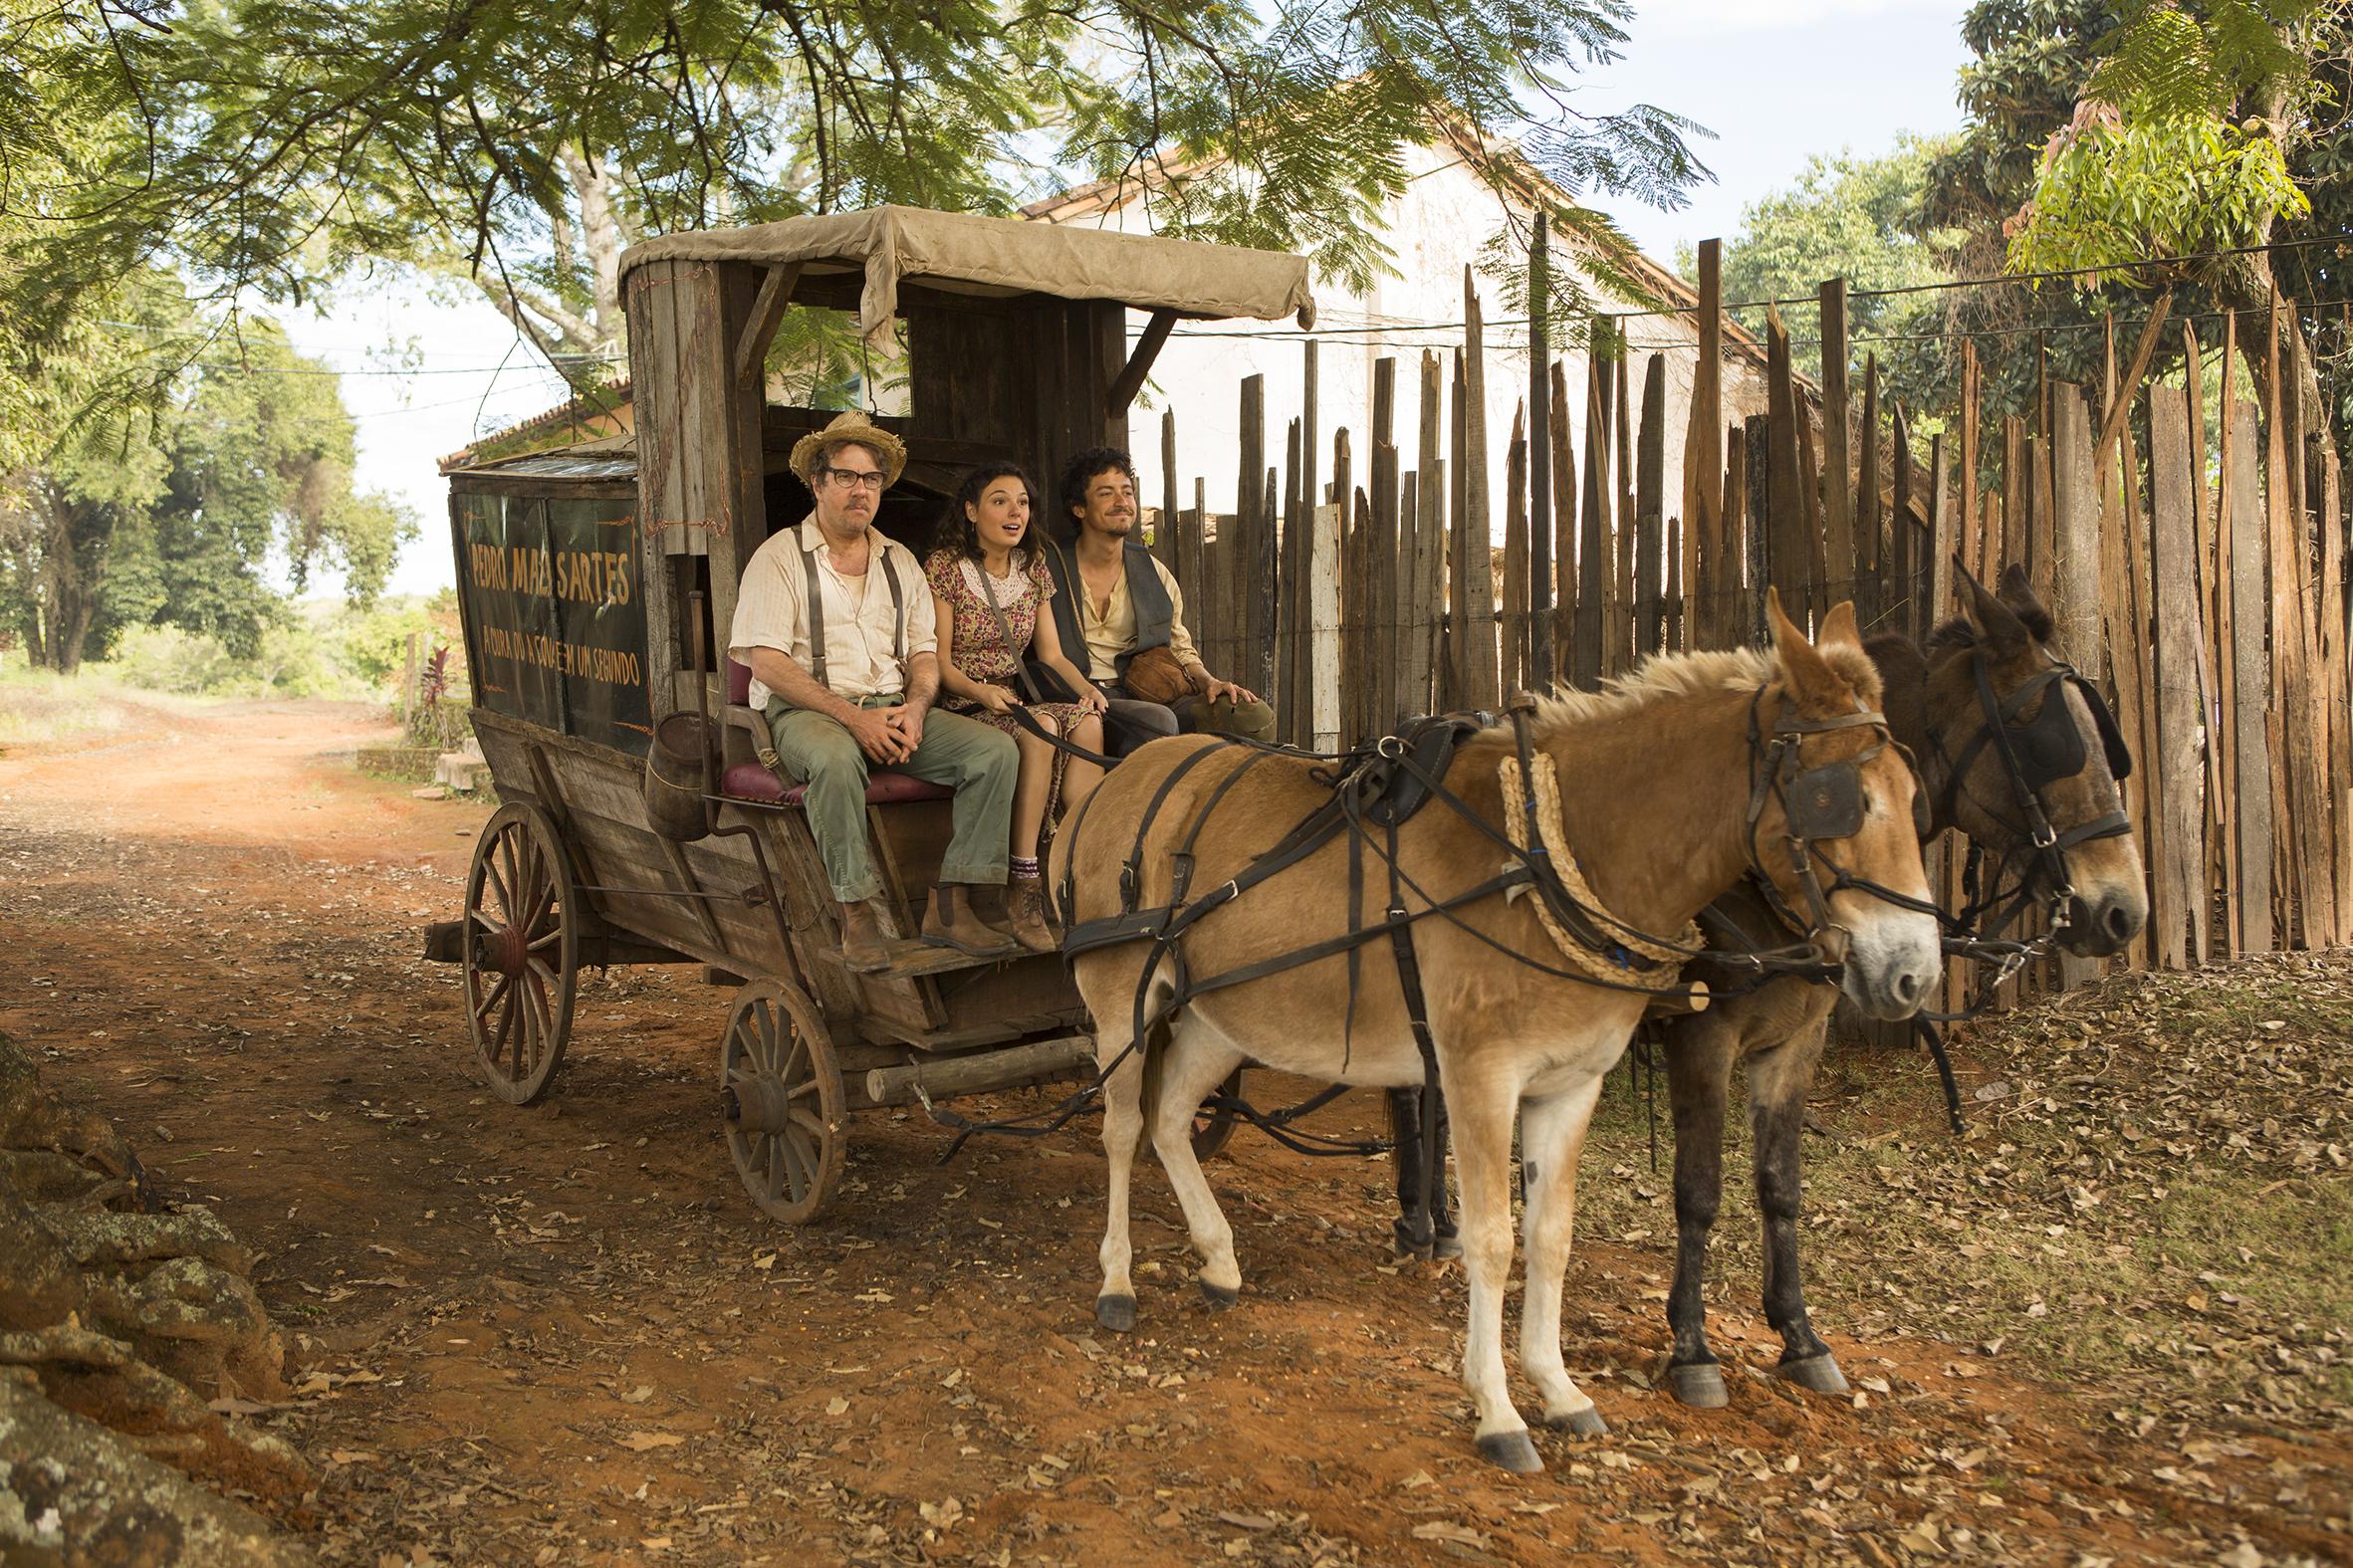 Imagem do filme Malasartes e o Duelo com a Morte, com Zé Candinho, Pedro Malasartes e Áurea em uma carroça - Foto de André Brandão